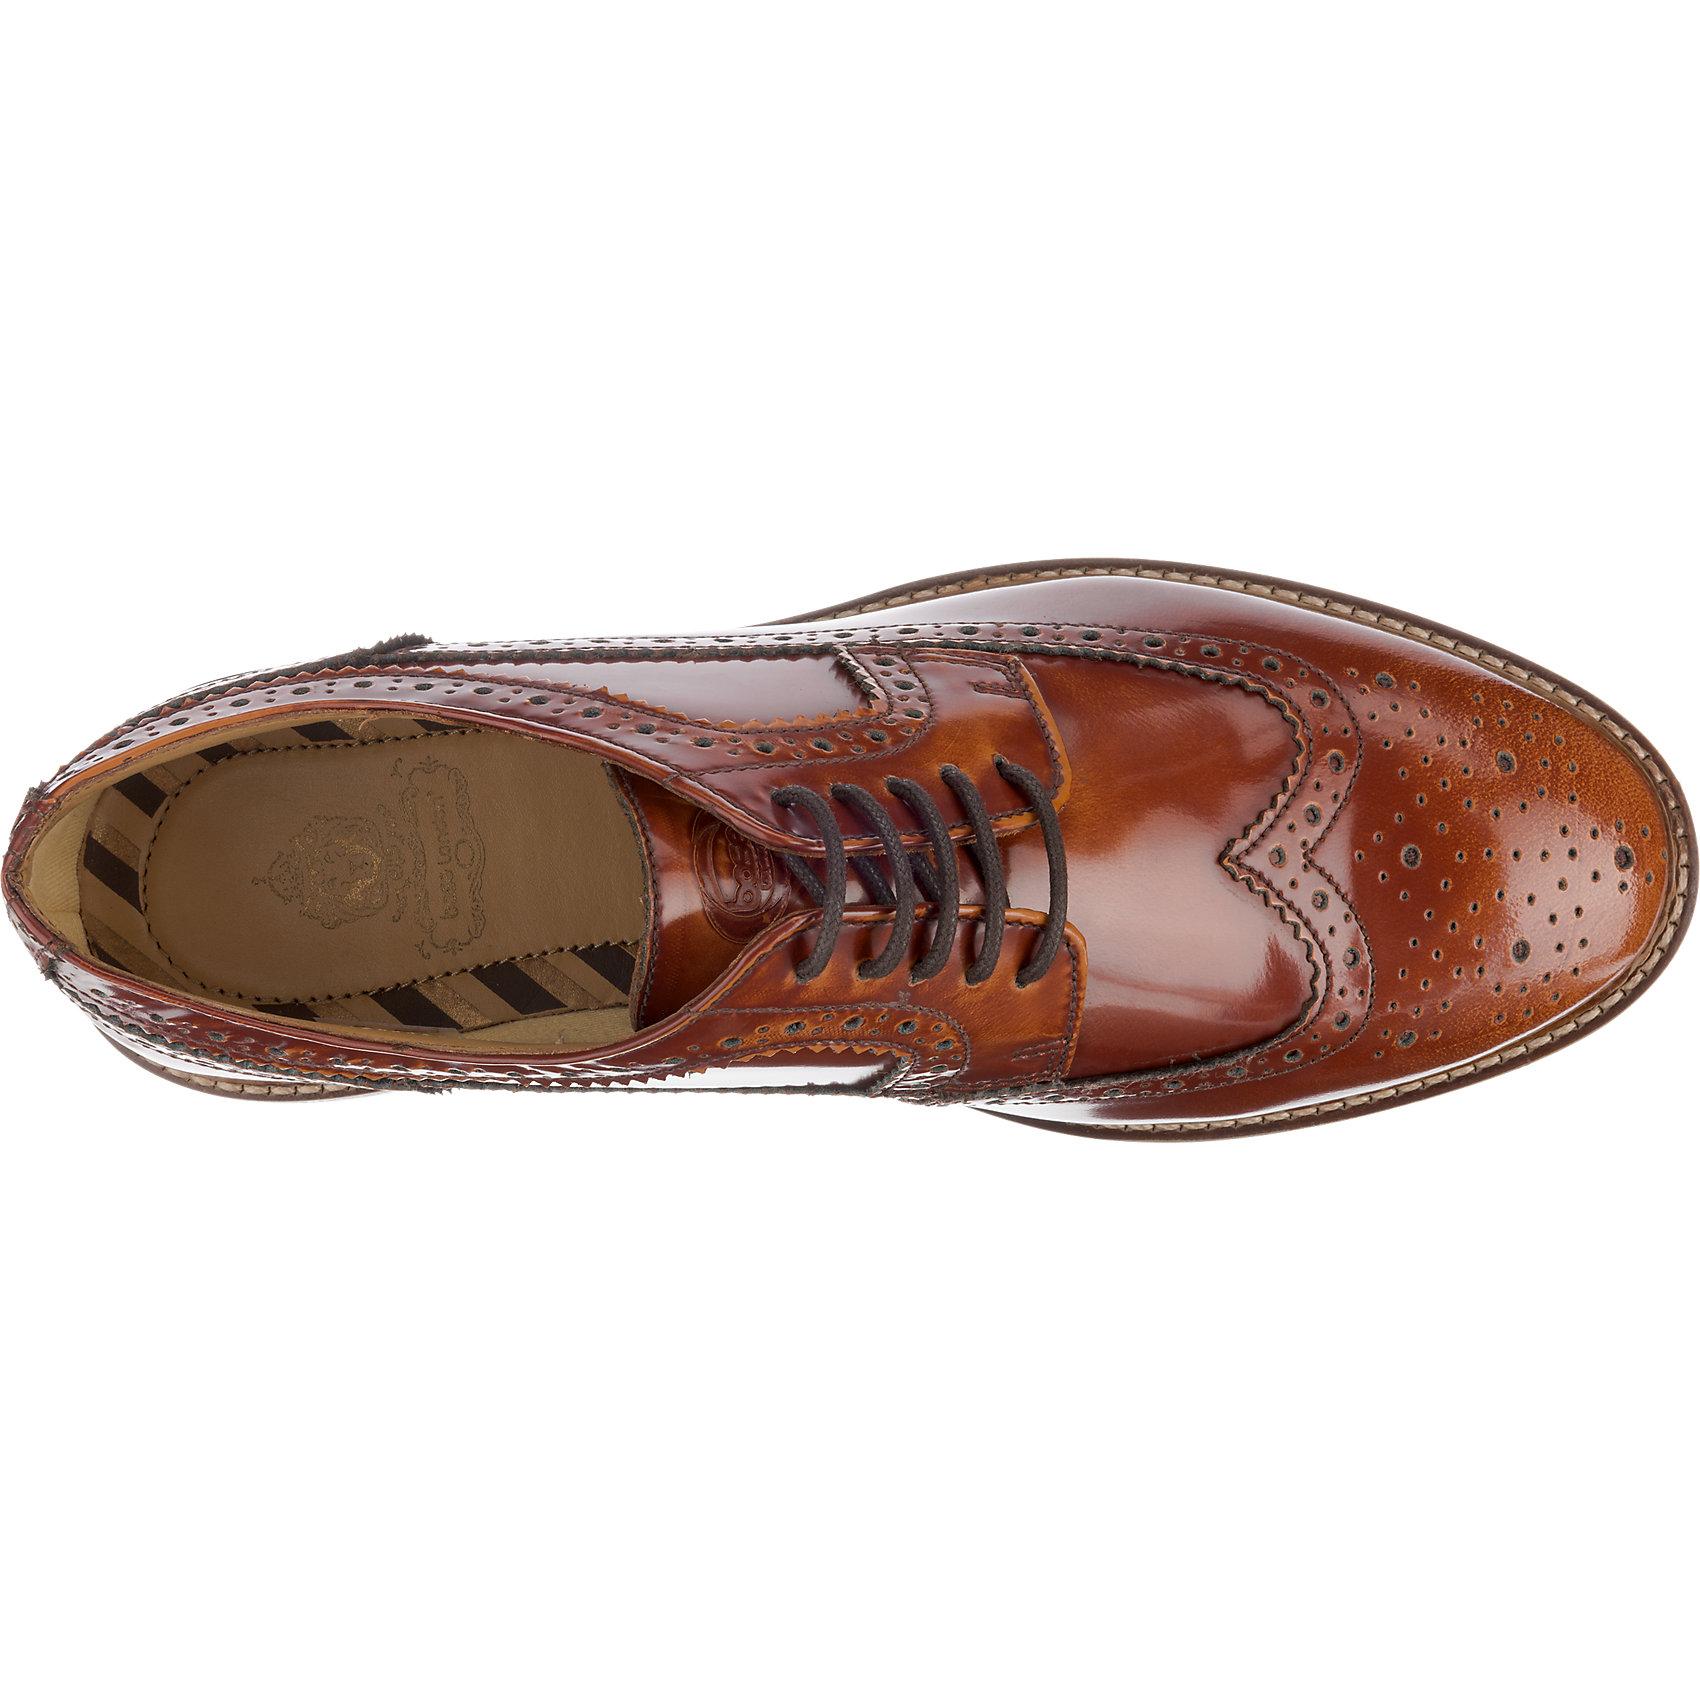 Neu Base London Turner Freizeit Schuhe schwarz braun 6769105 6769105 6769105 167871